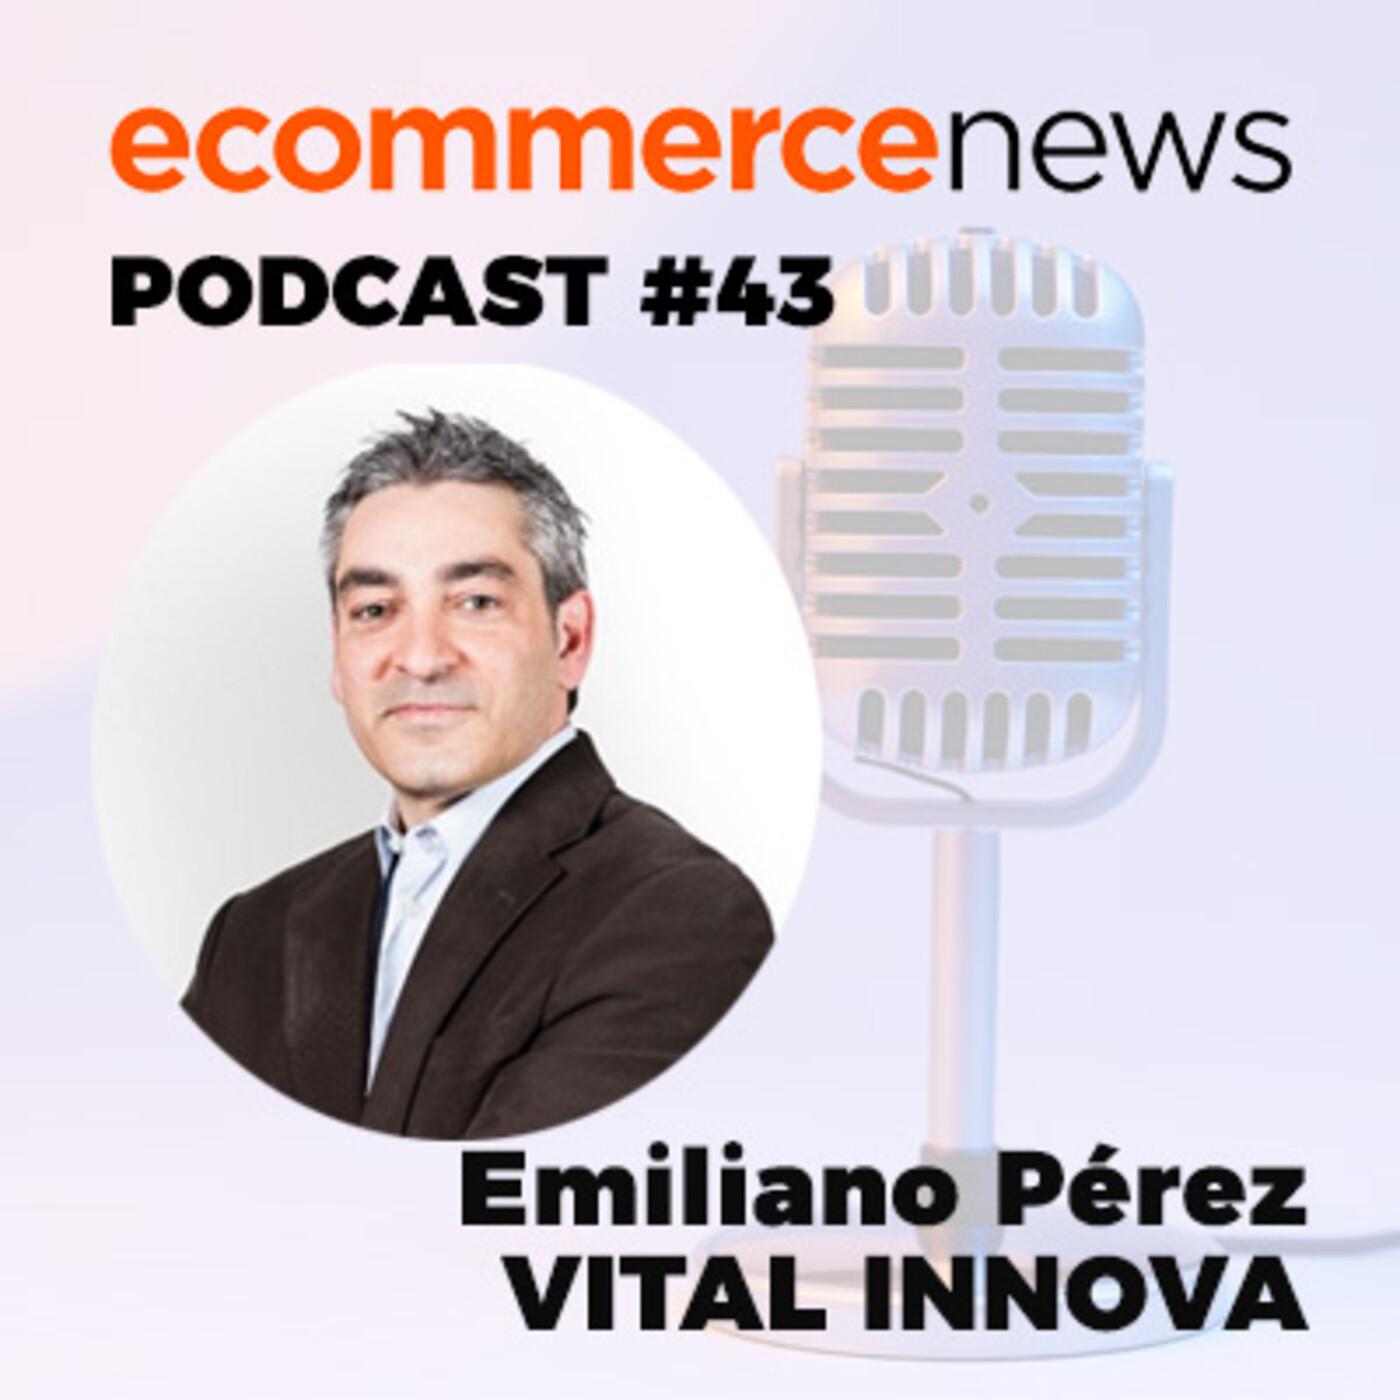 Ecommerce News Radio #44. Emiliano Pérez, socio y Director de Marketing de Vital Innova